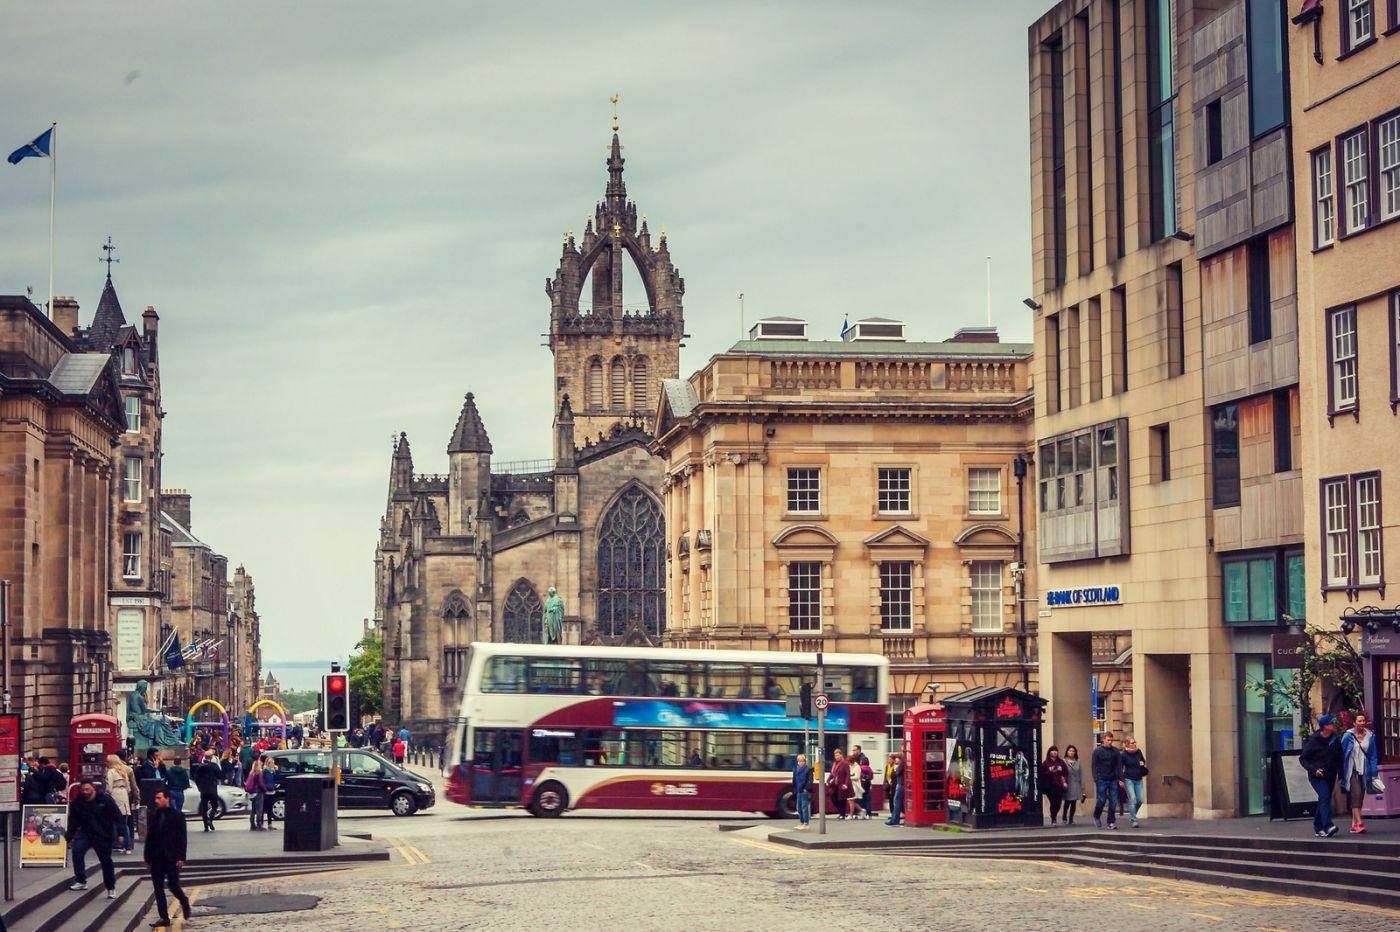 苏格兰爱丁堡,老城市老文化_图1-3